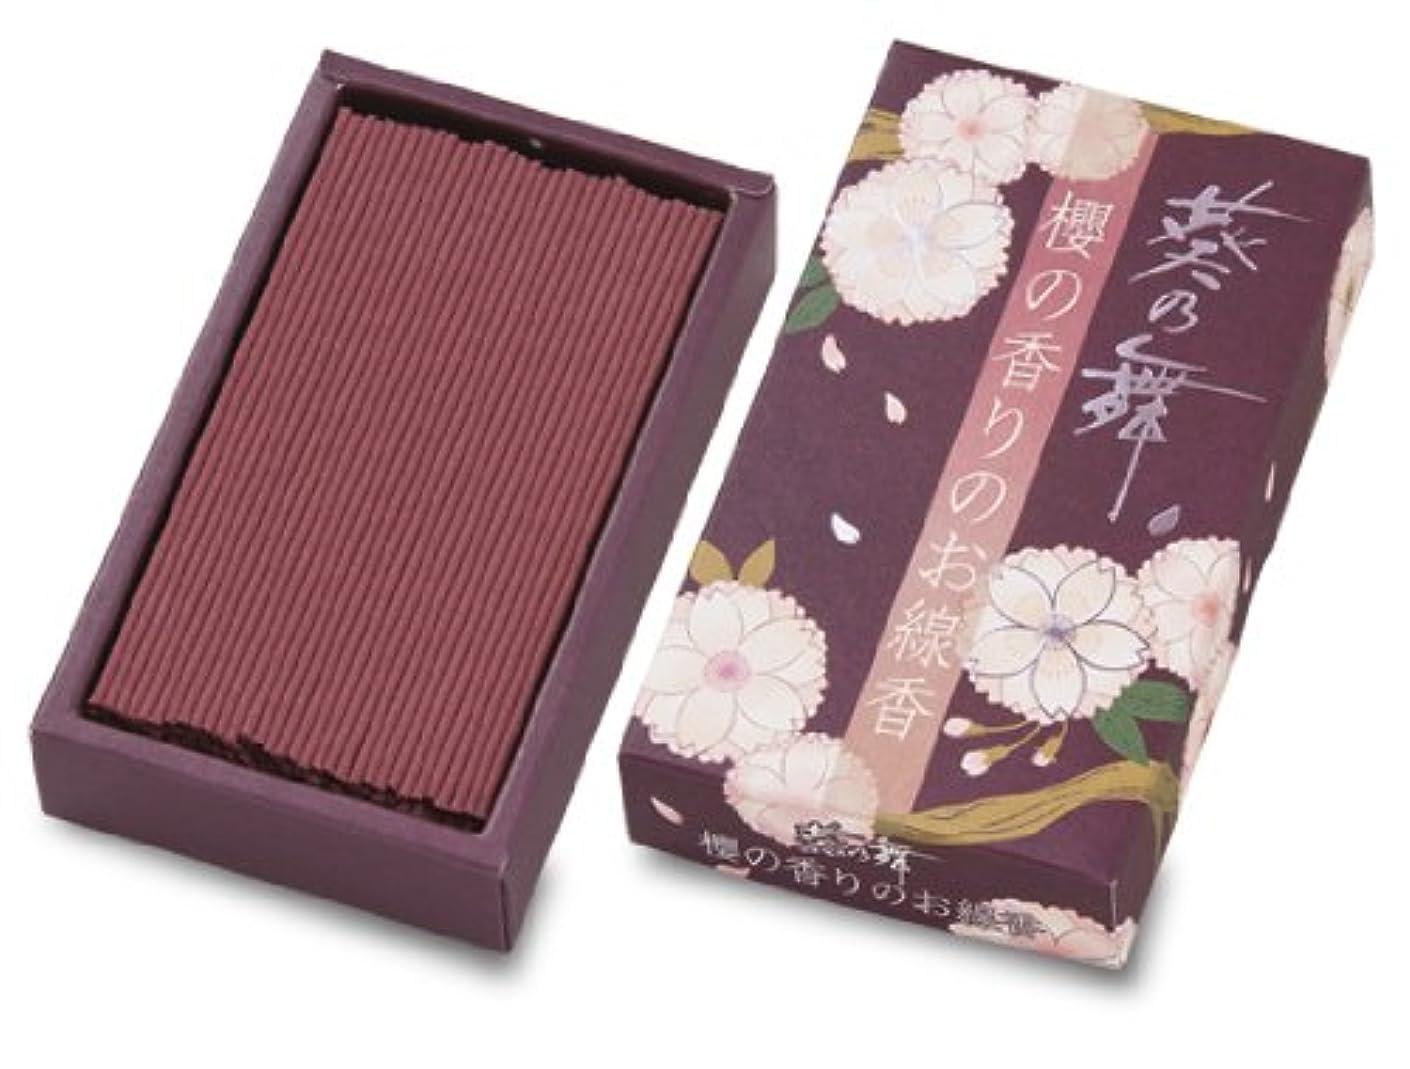 終わらせるタウポ湖ガジュマル葵乃舞 櫻の香りのお線香 各約130g